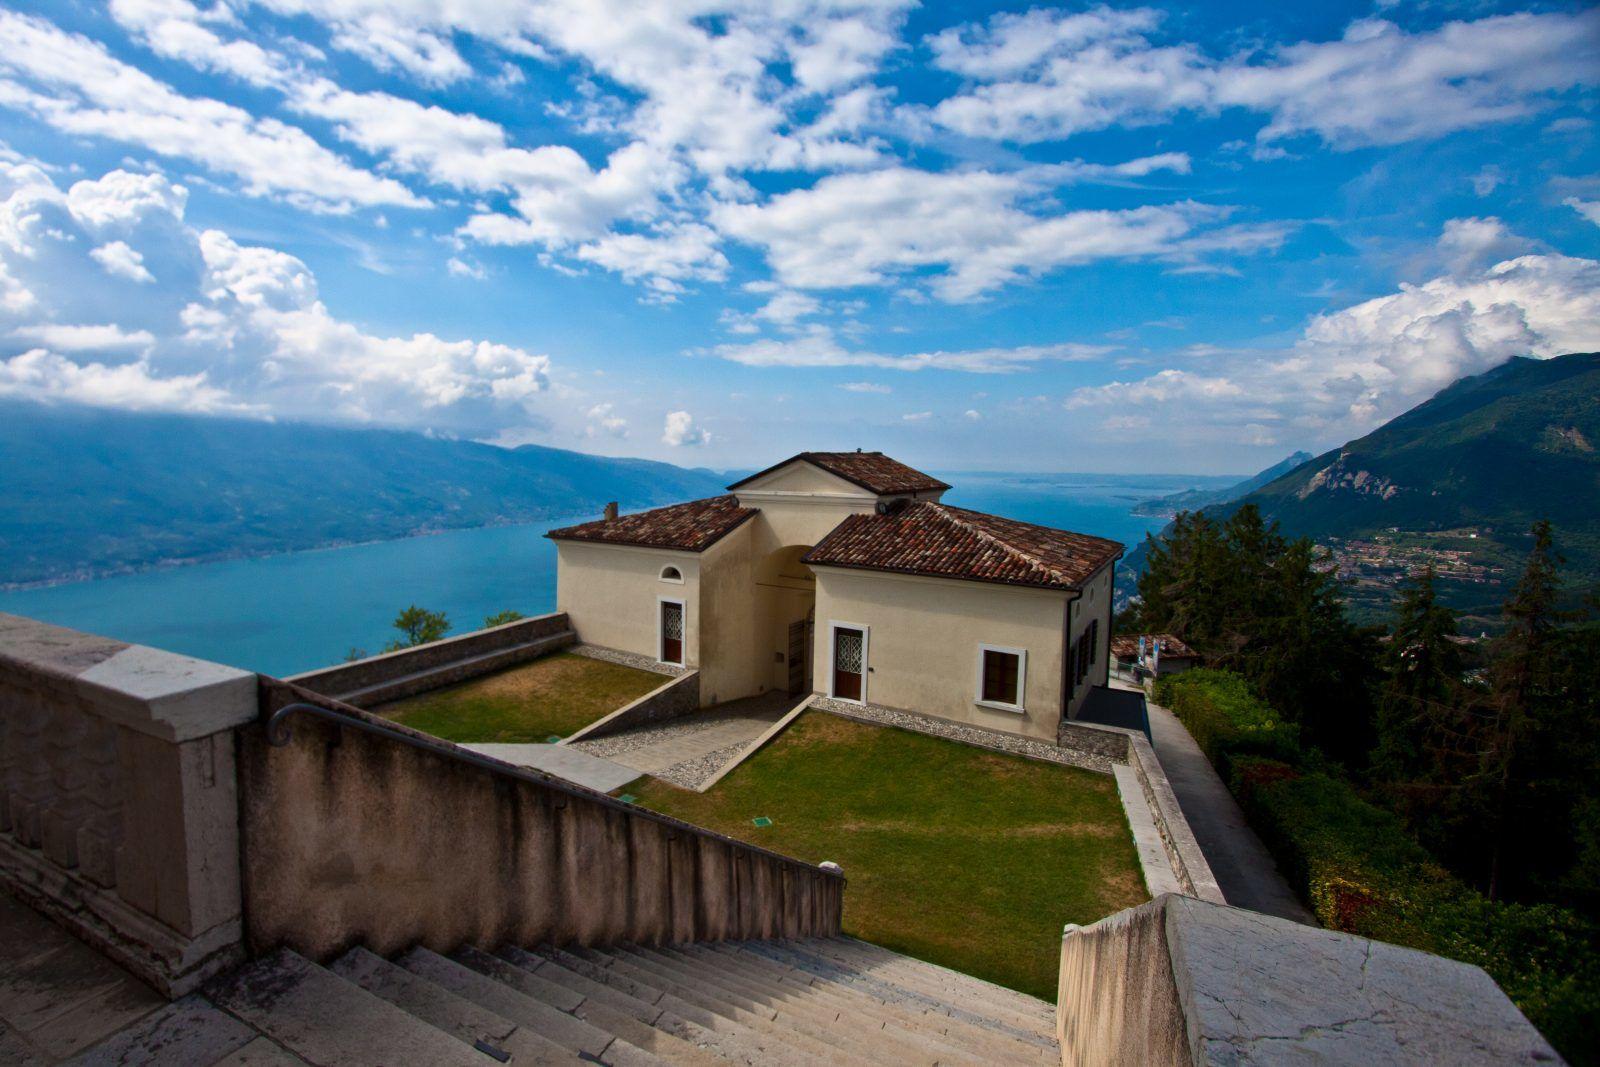 Montecastello – Walfahrtskirche mit Ausblick